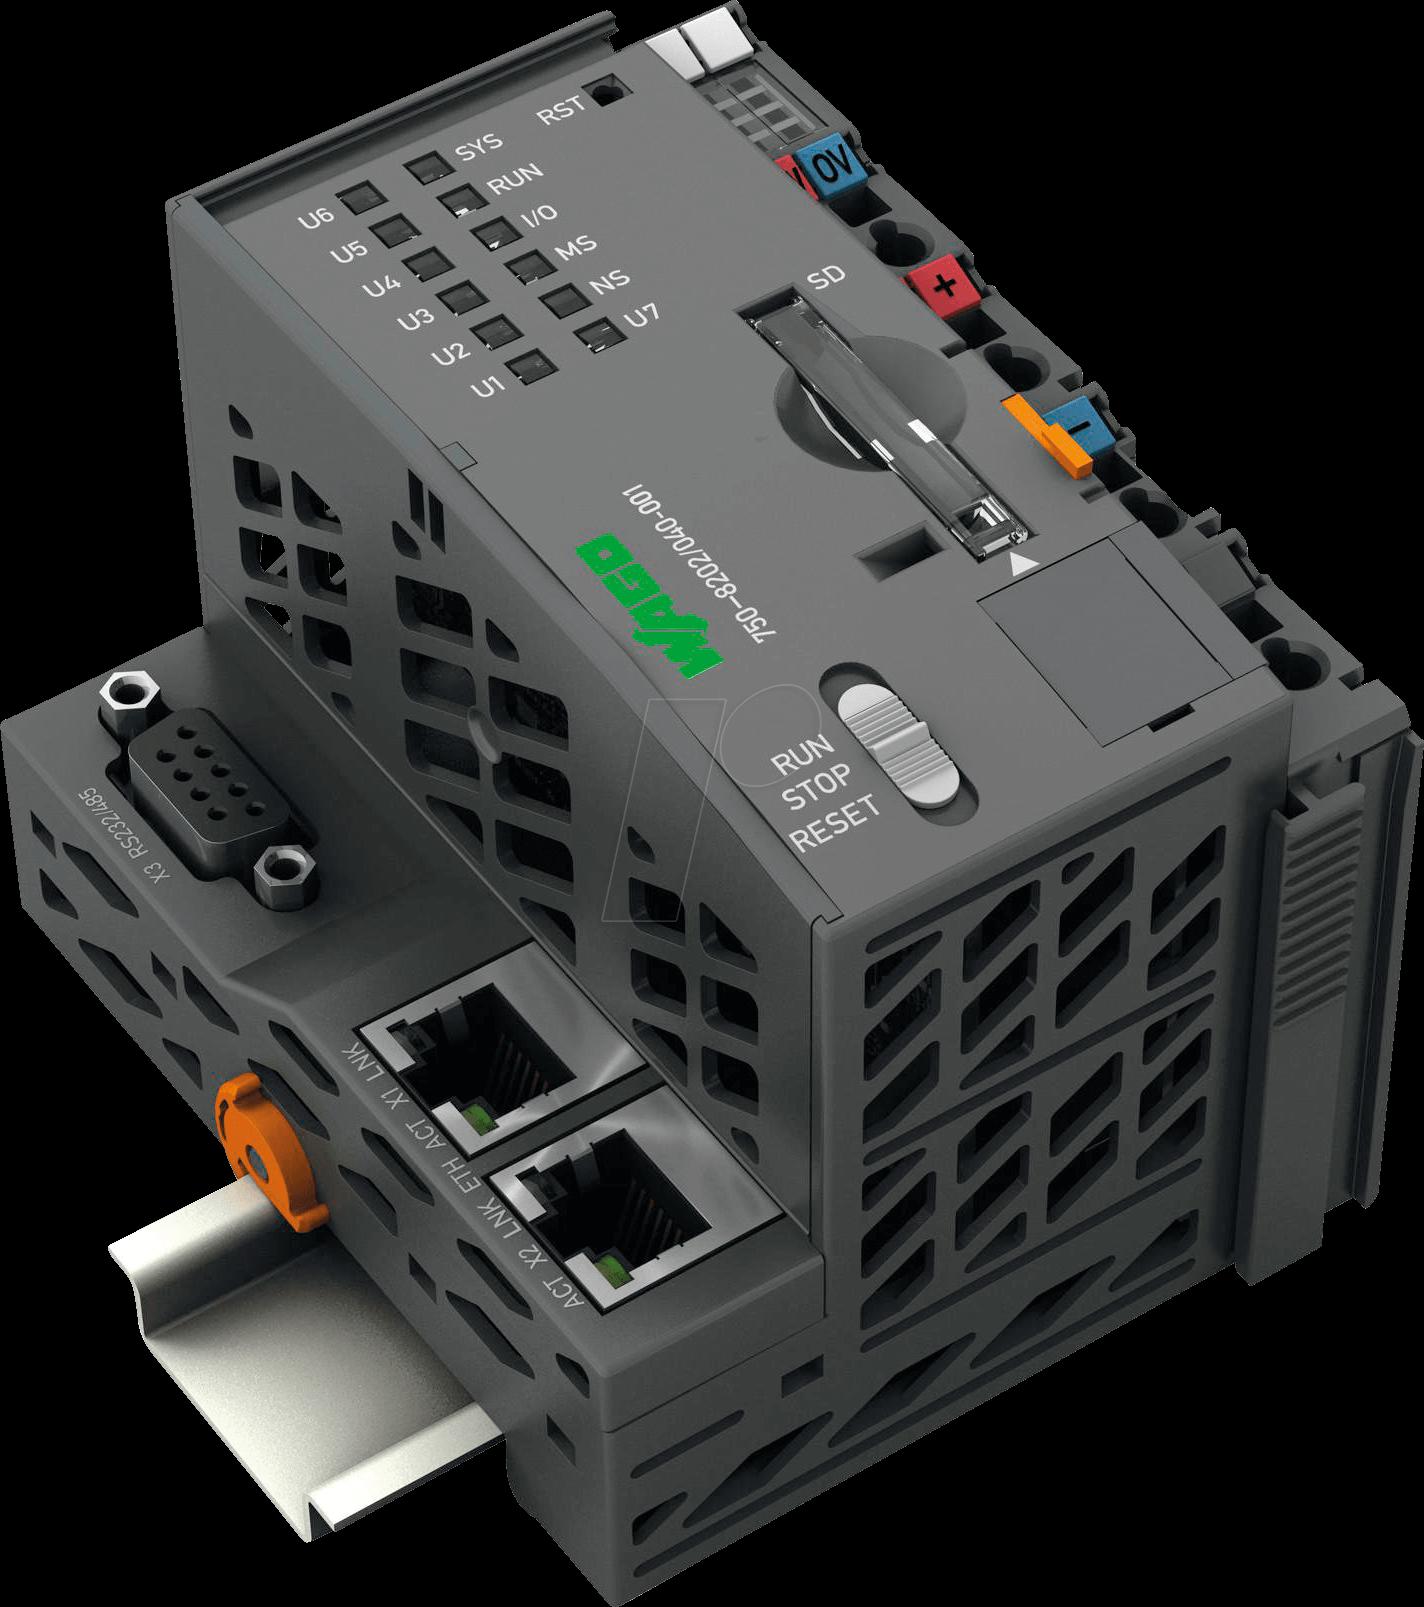 WAGO 750-8202-40 - PLC - Controller PFC200 XTR